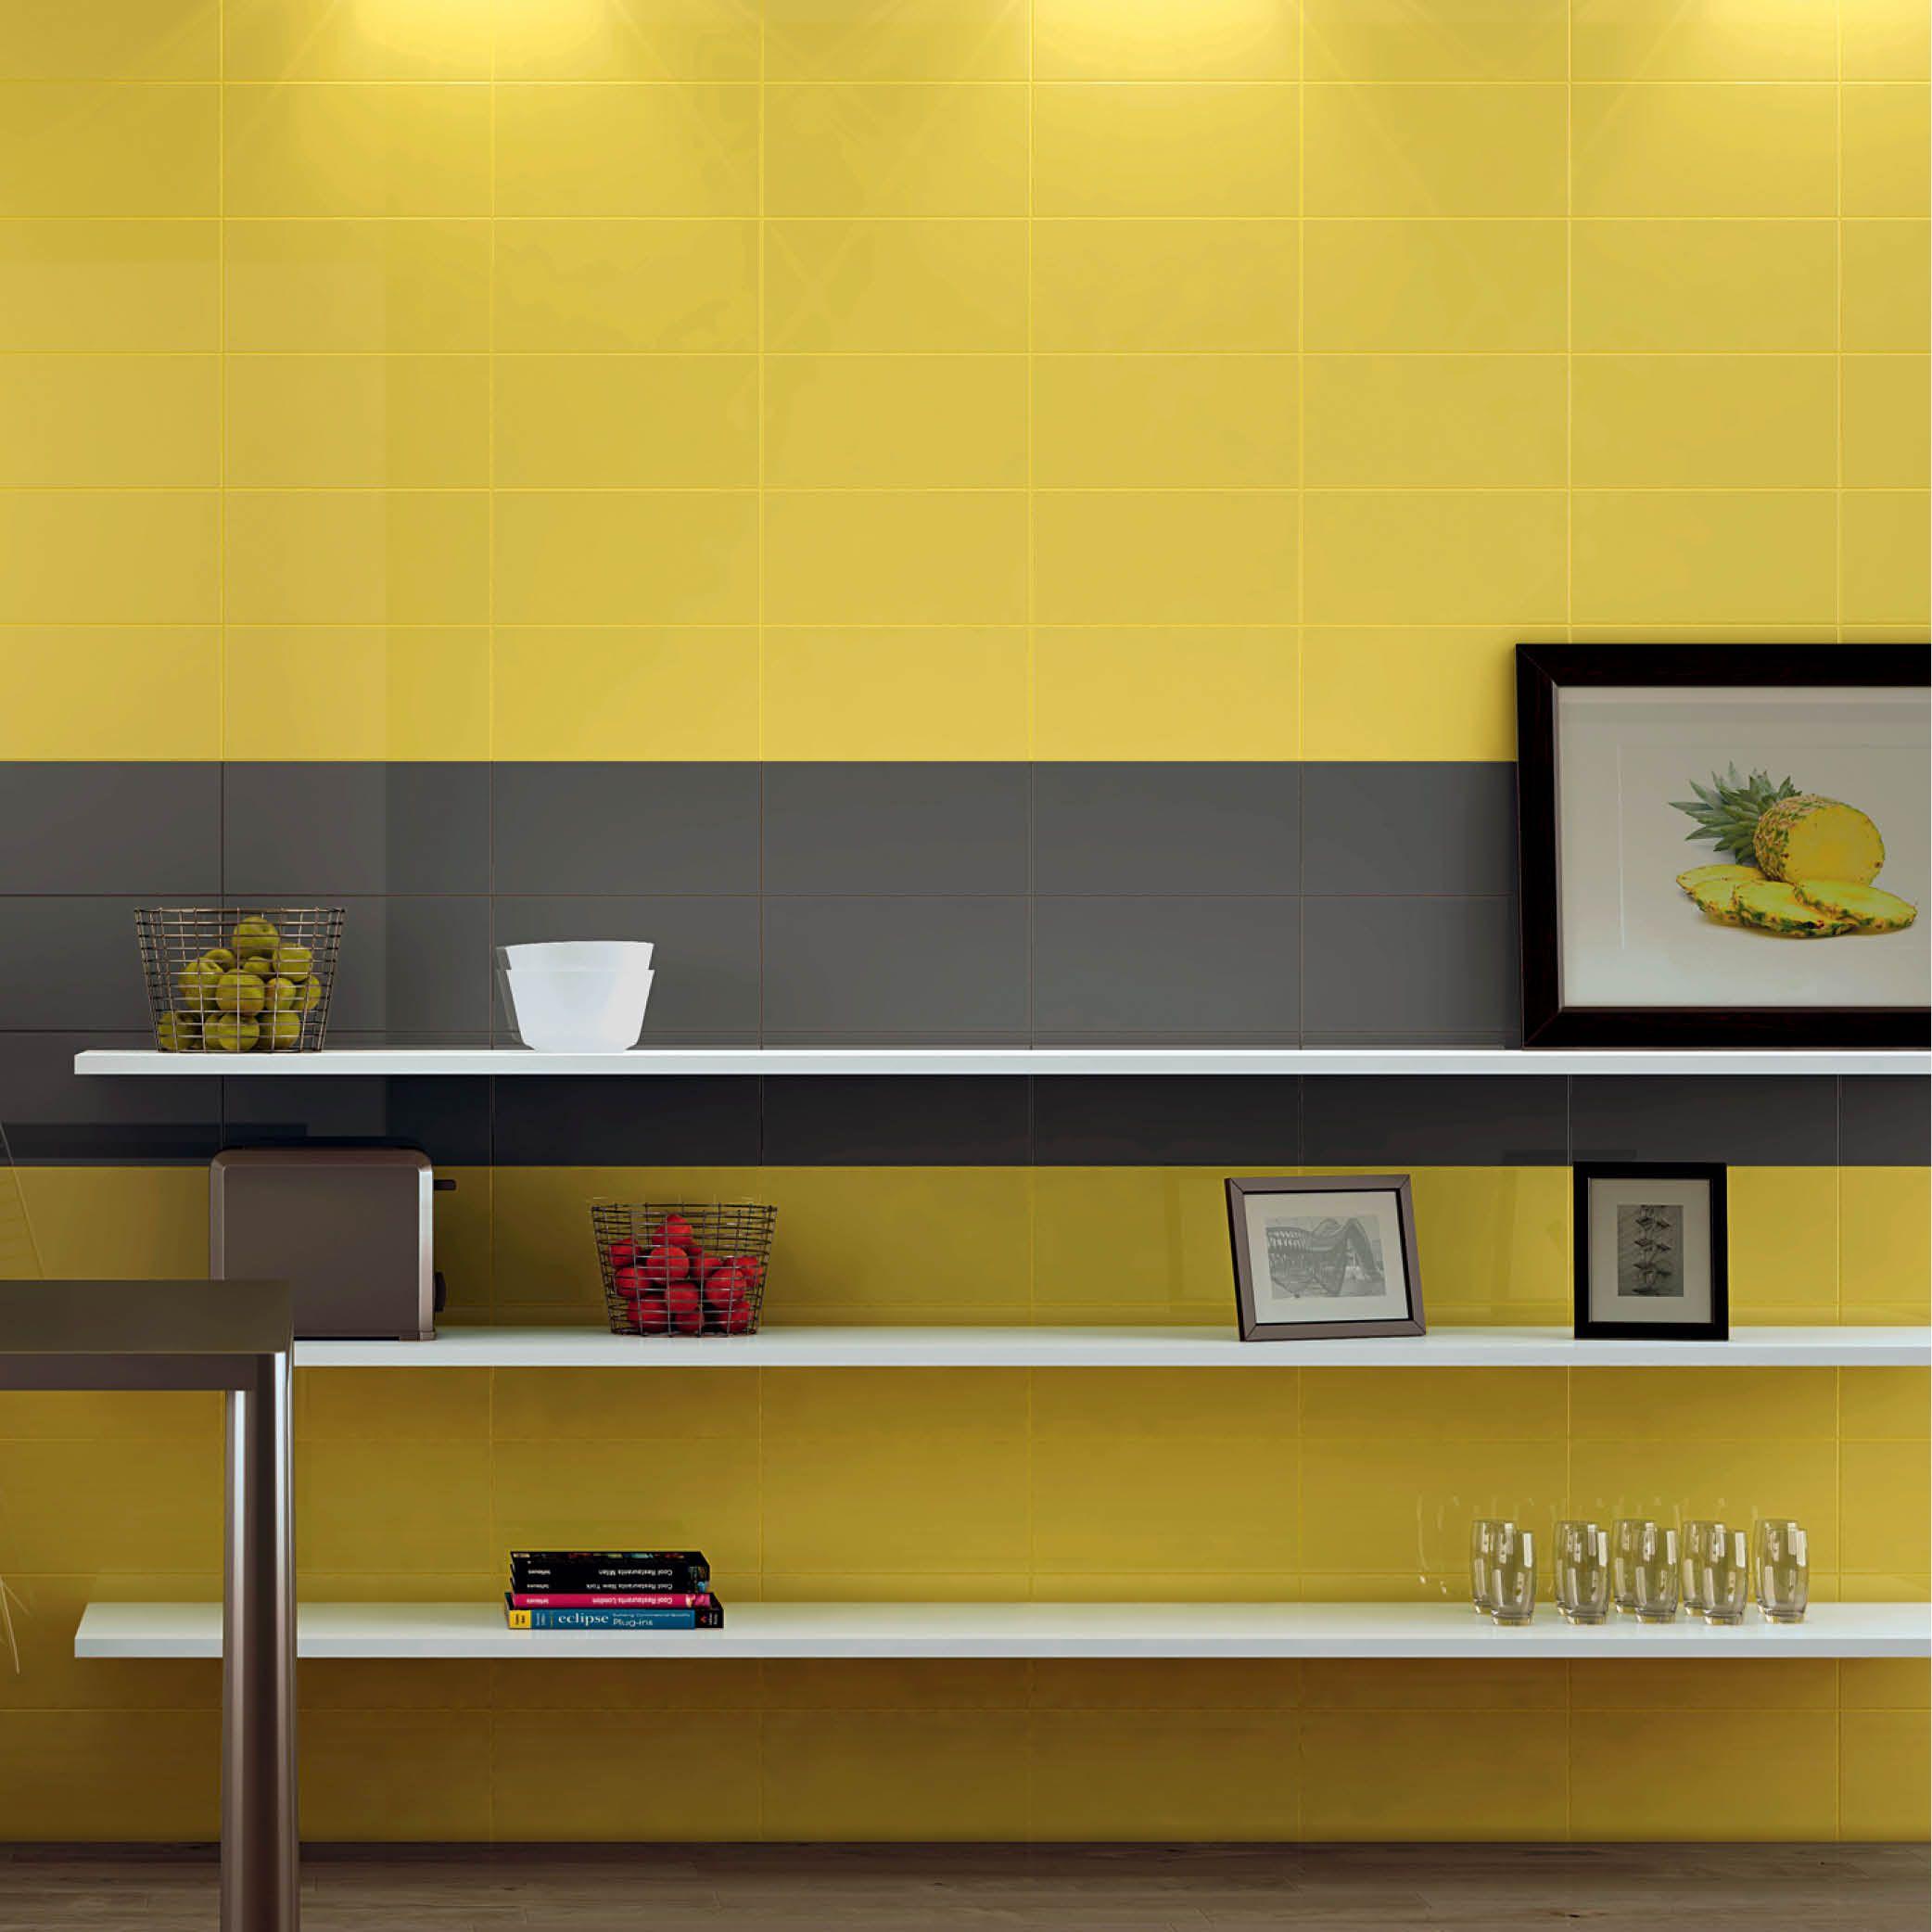 Kitchen Tiles Colour Combination mustard yellow colour palette tiles http://www.ctdtiles.co.uk/c